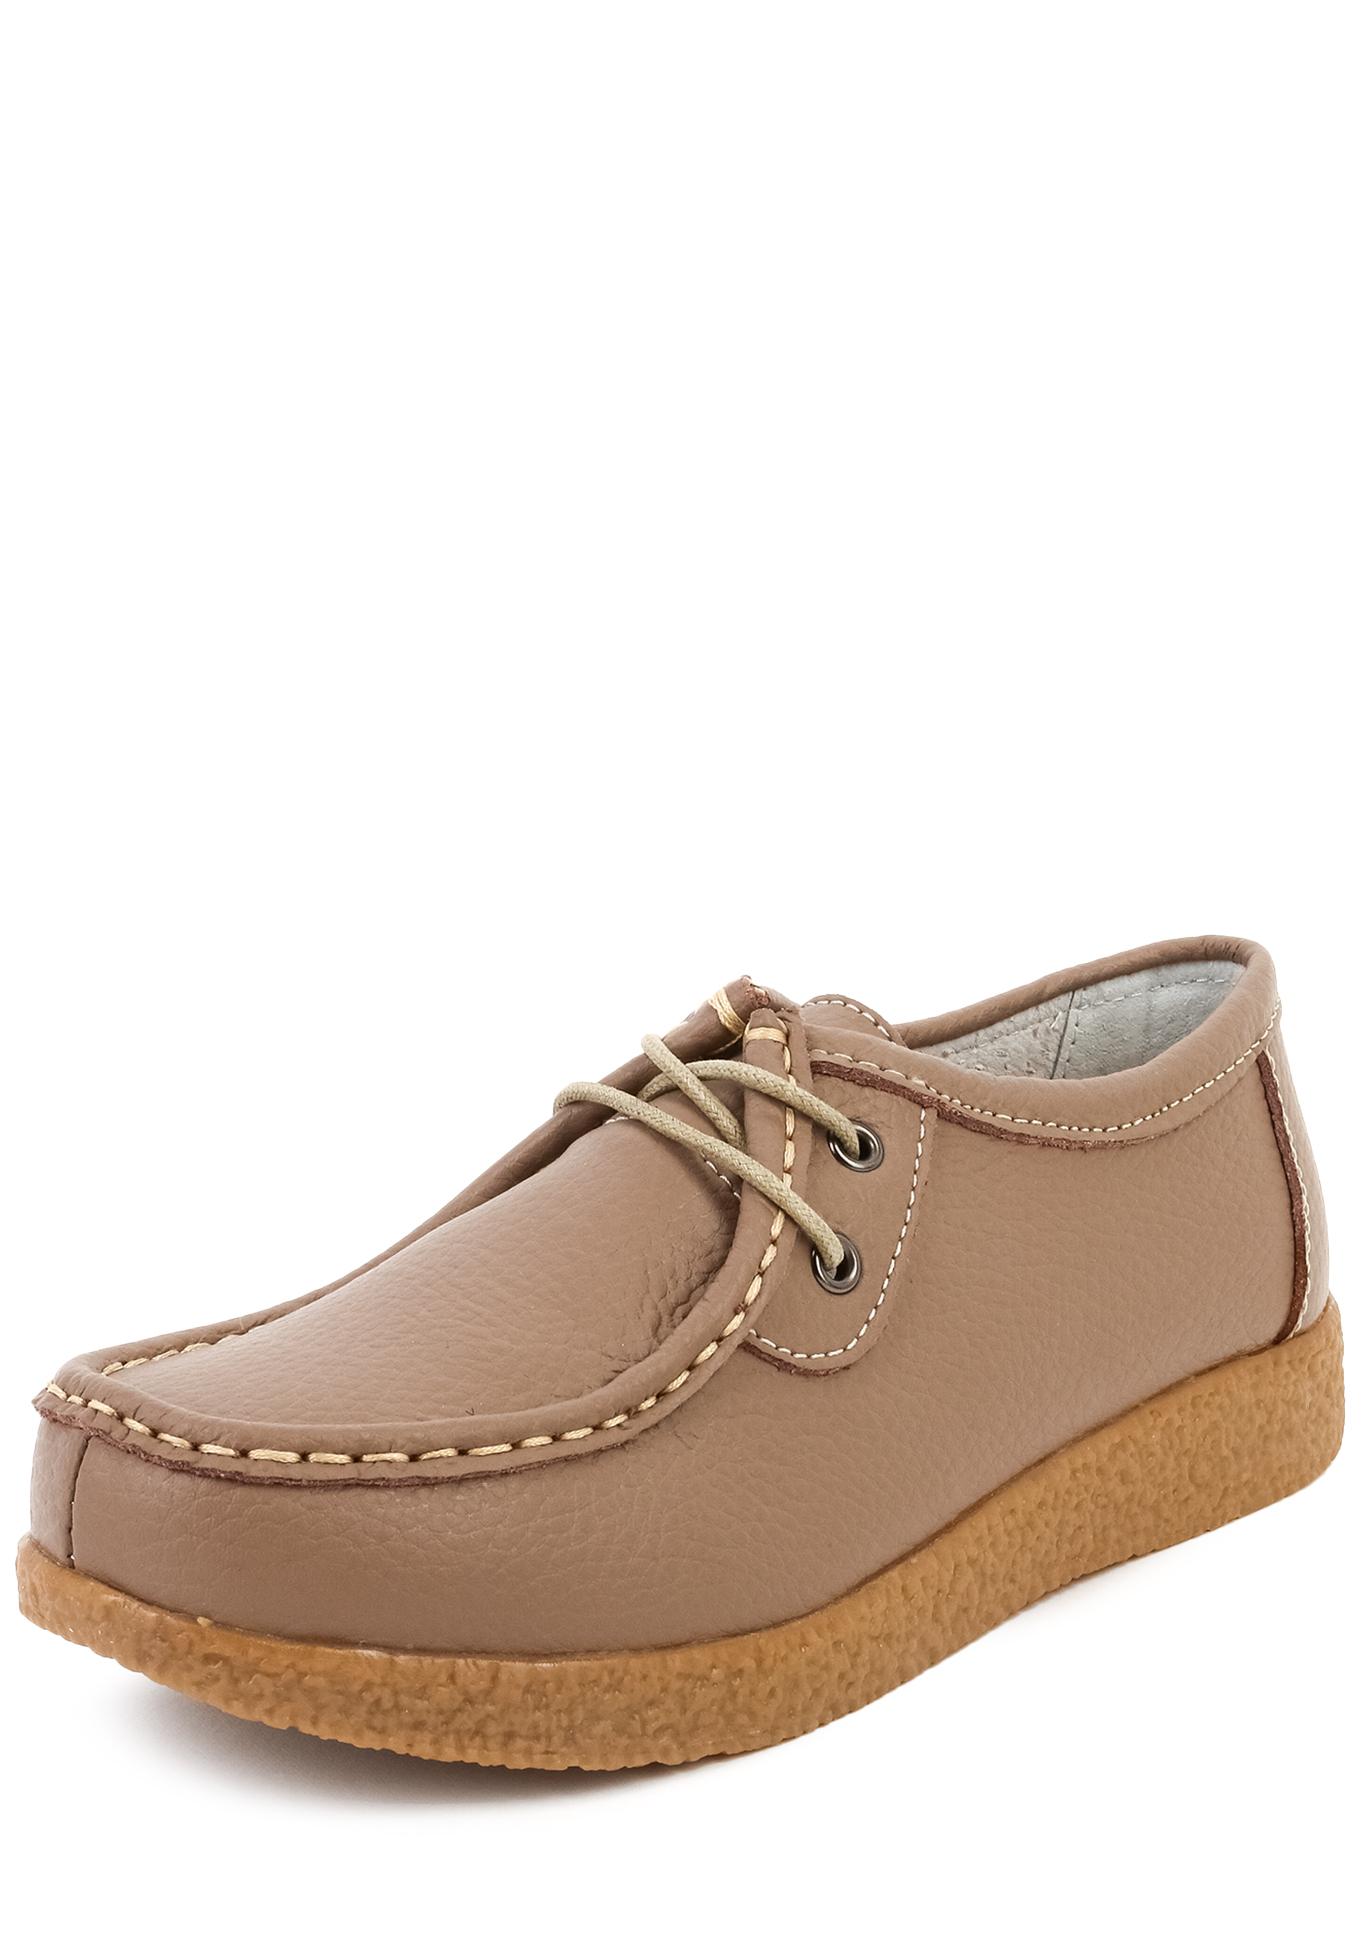 Туфли женские Силен